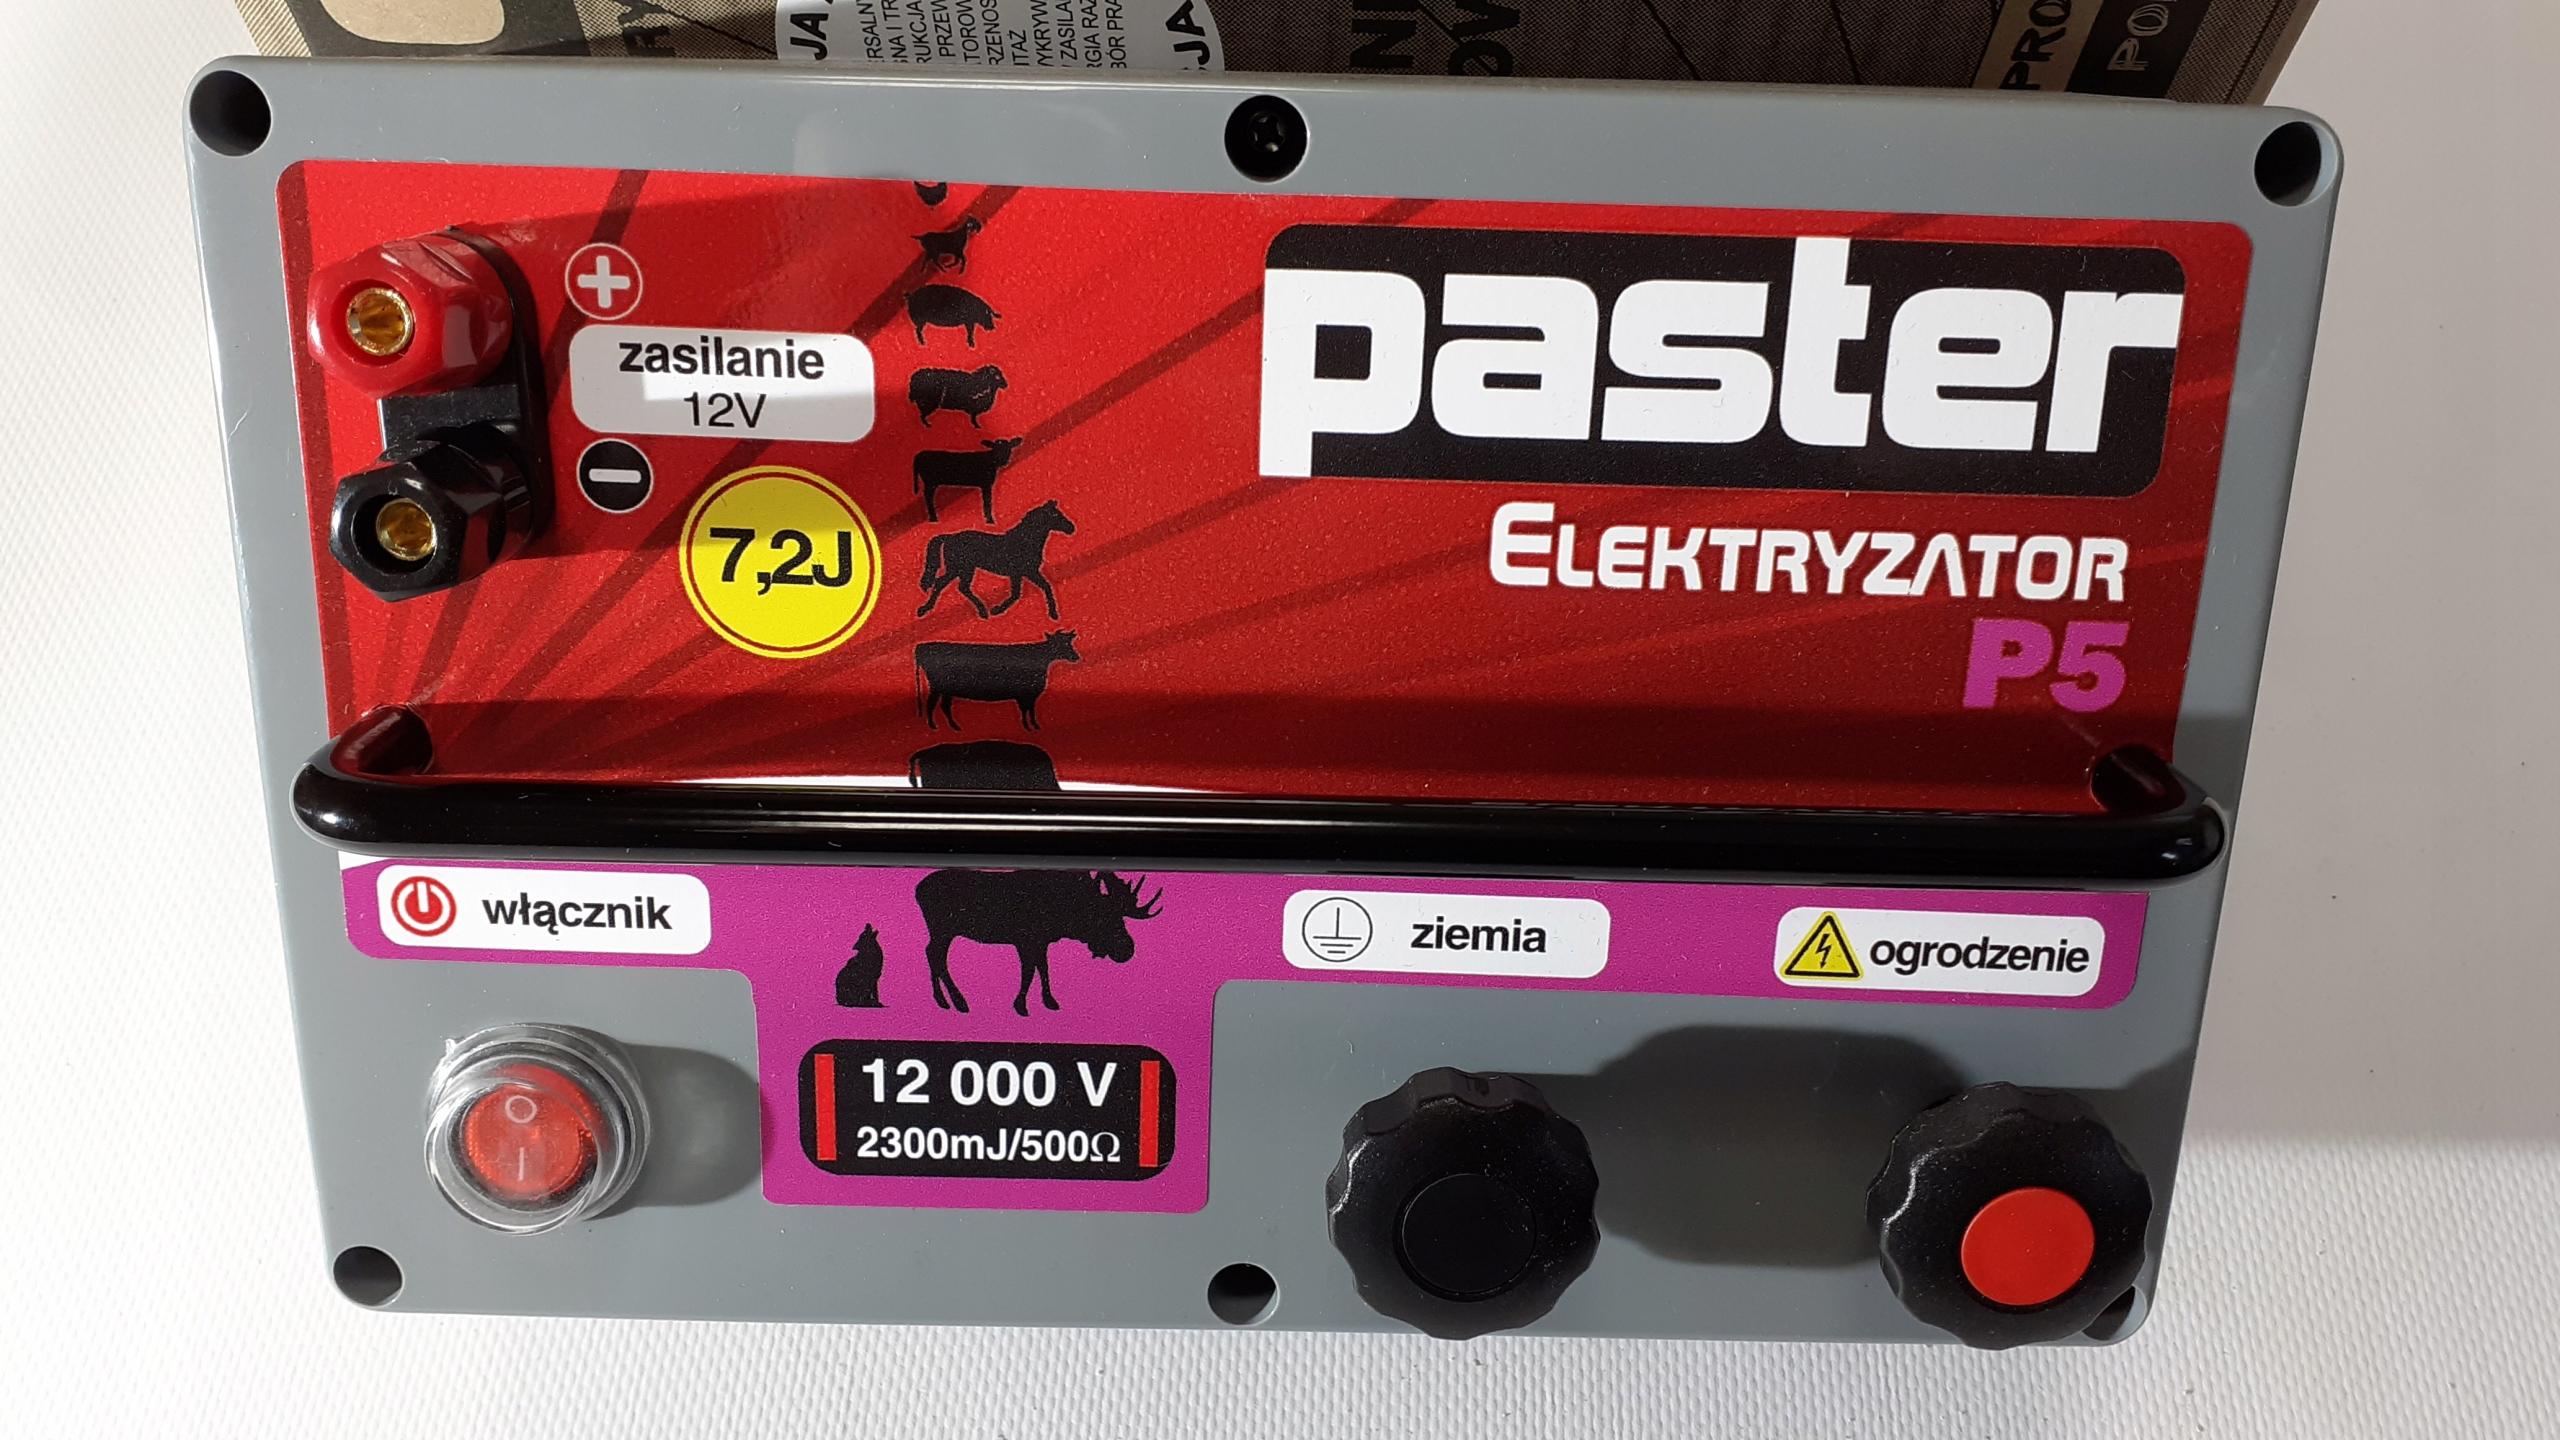 пастух электрический Польский 7,2 j